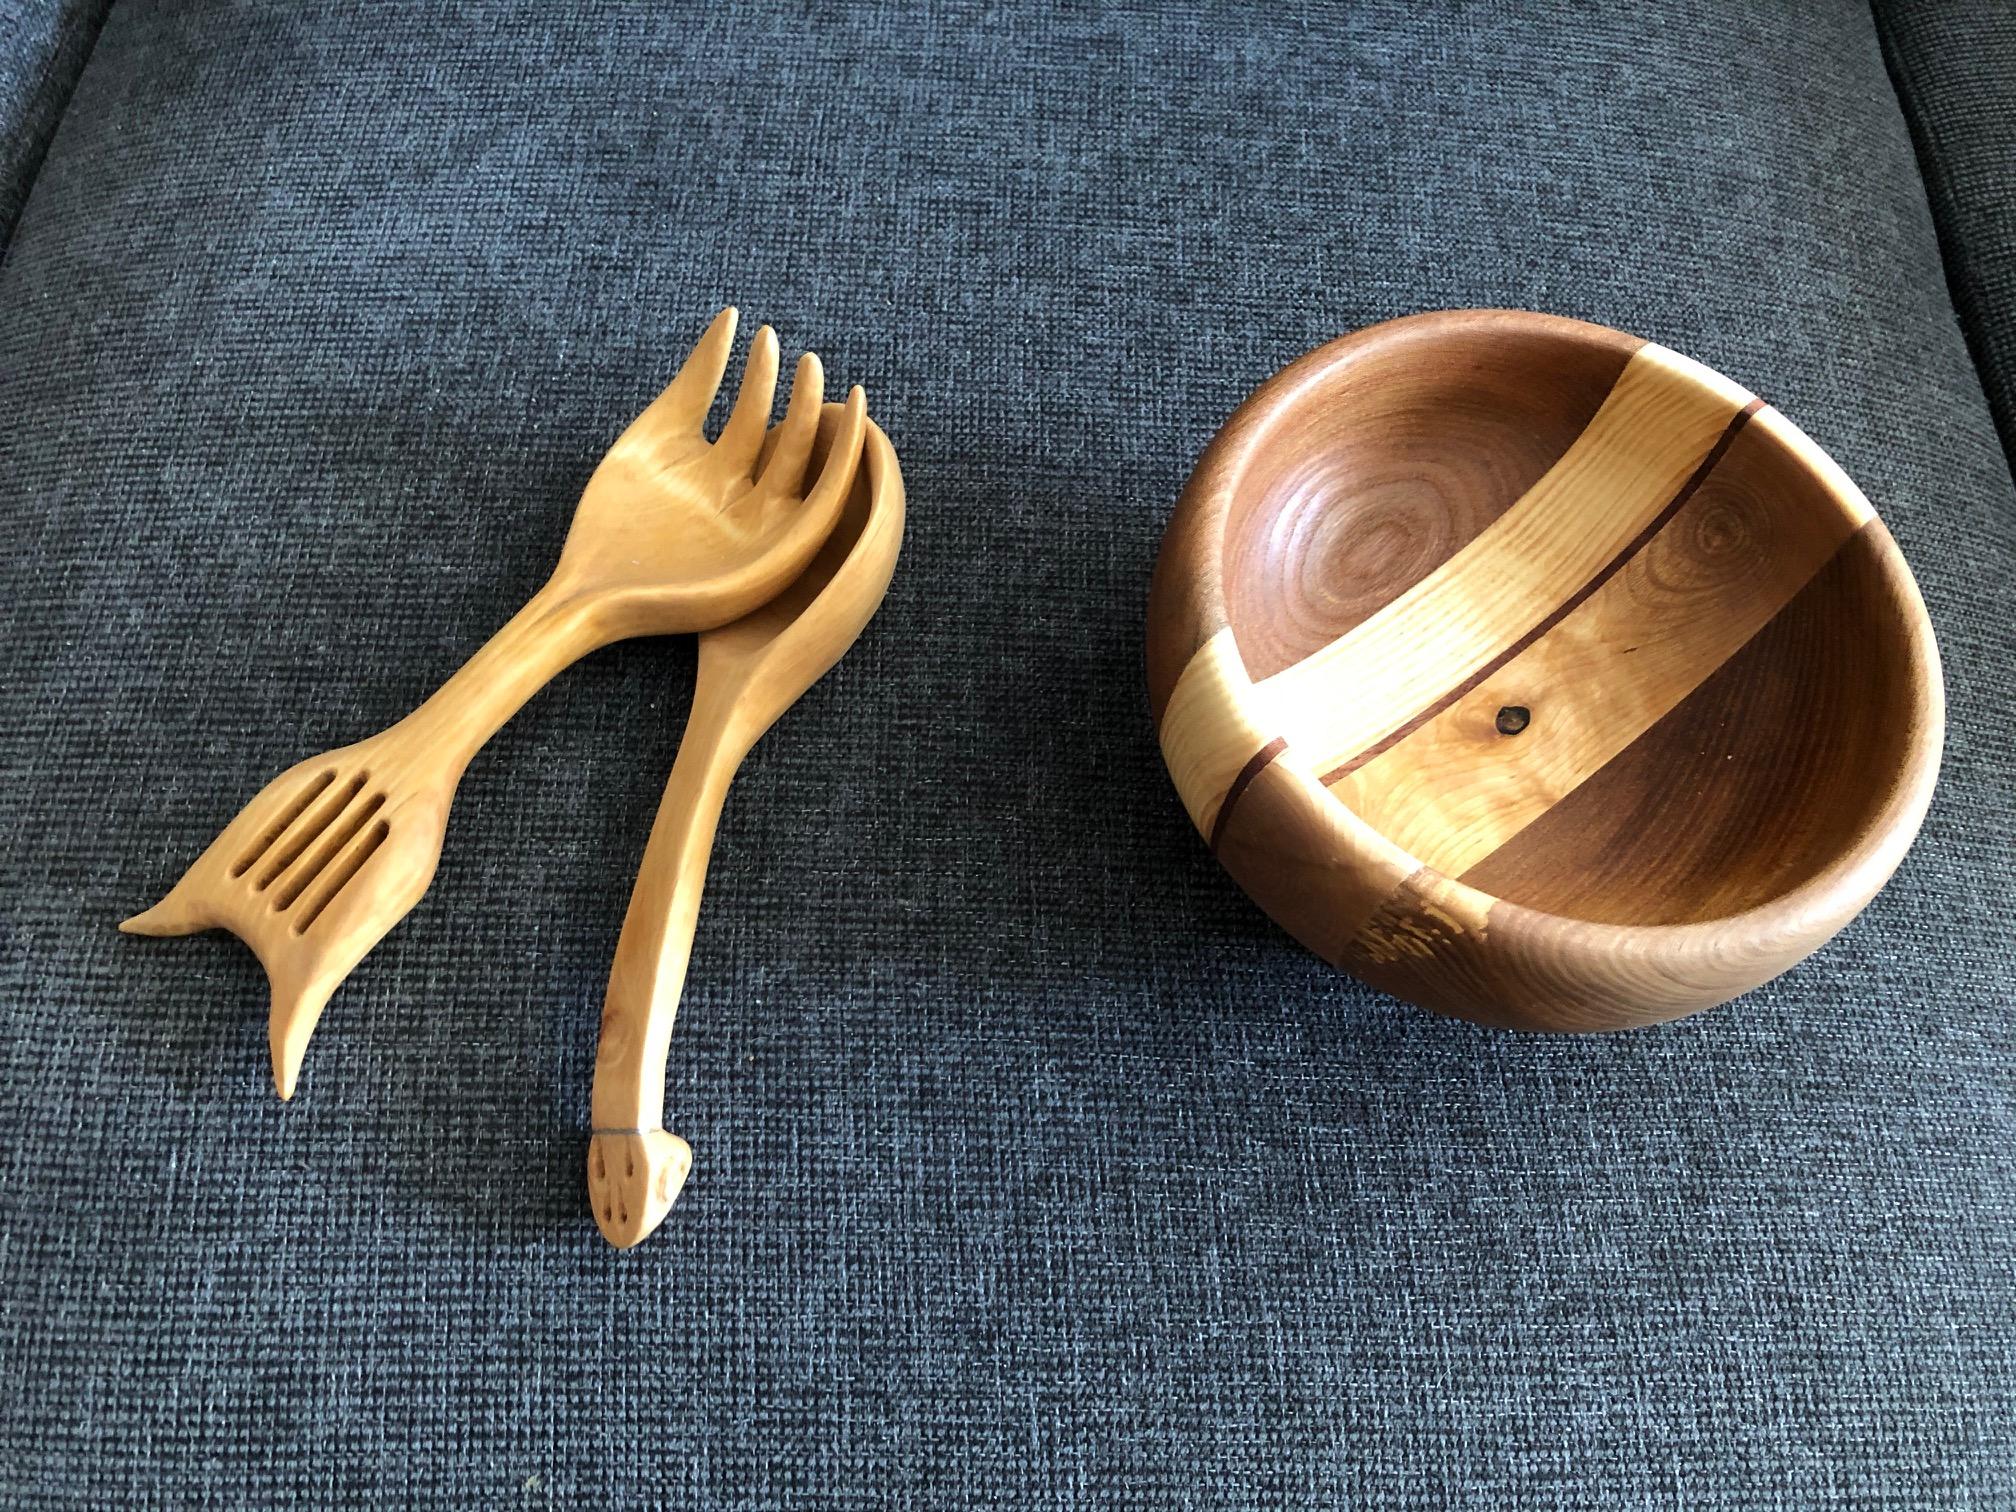 Snacksskål svarvad av sammanfogad alm, björk, ask och ett stråk körsbär. Salladsbestick Musica, täljt av al och Björk